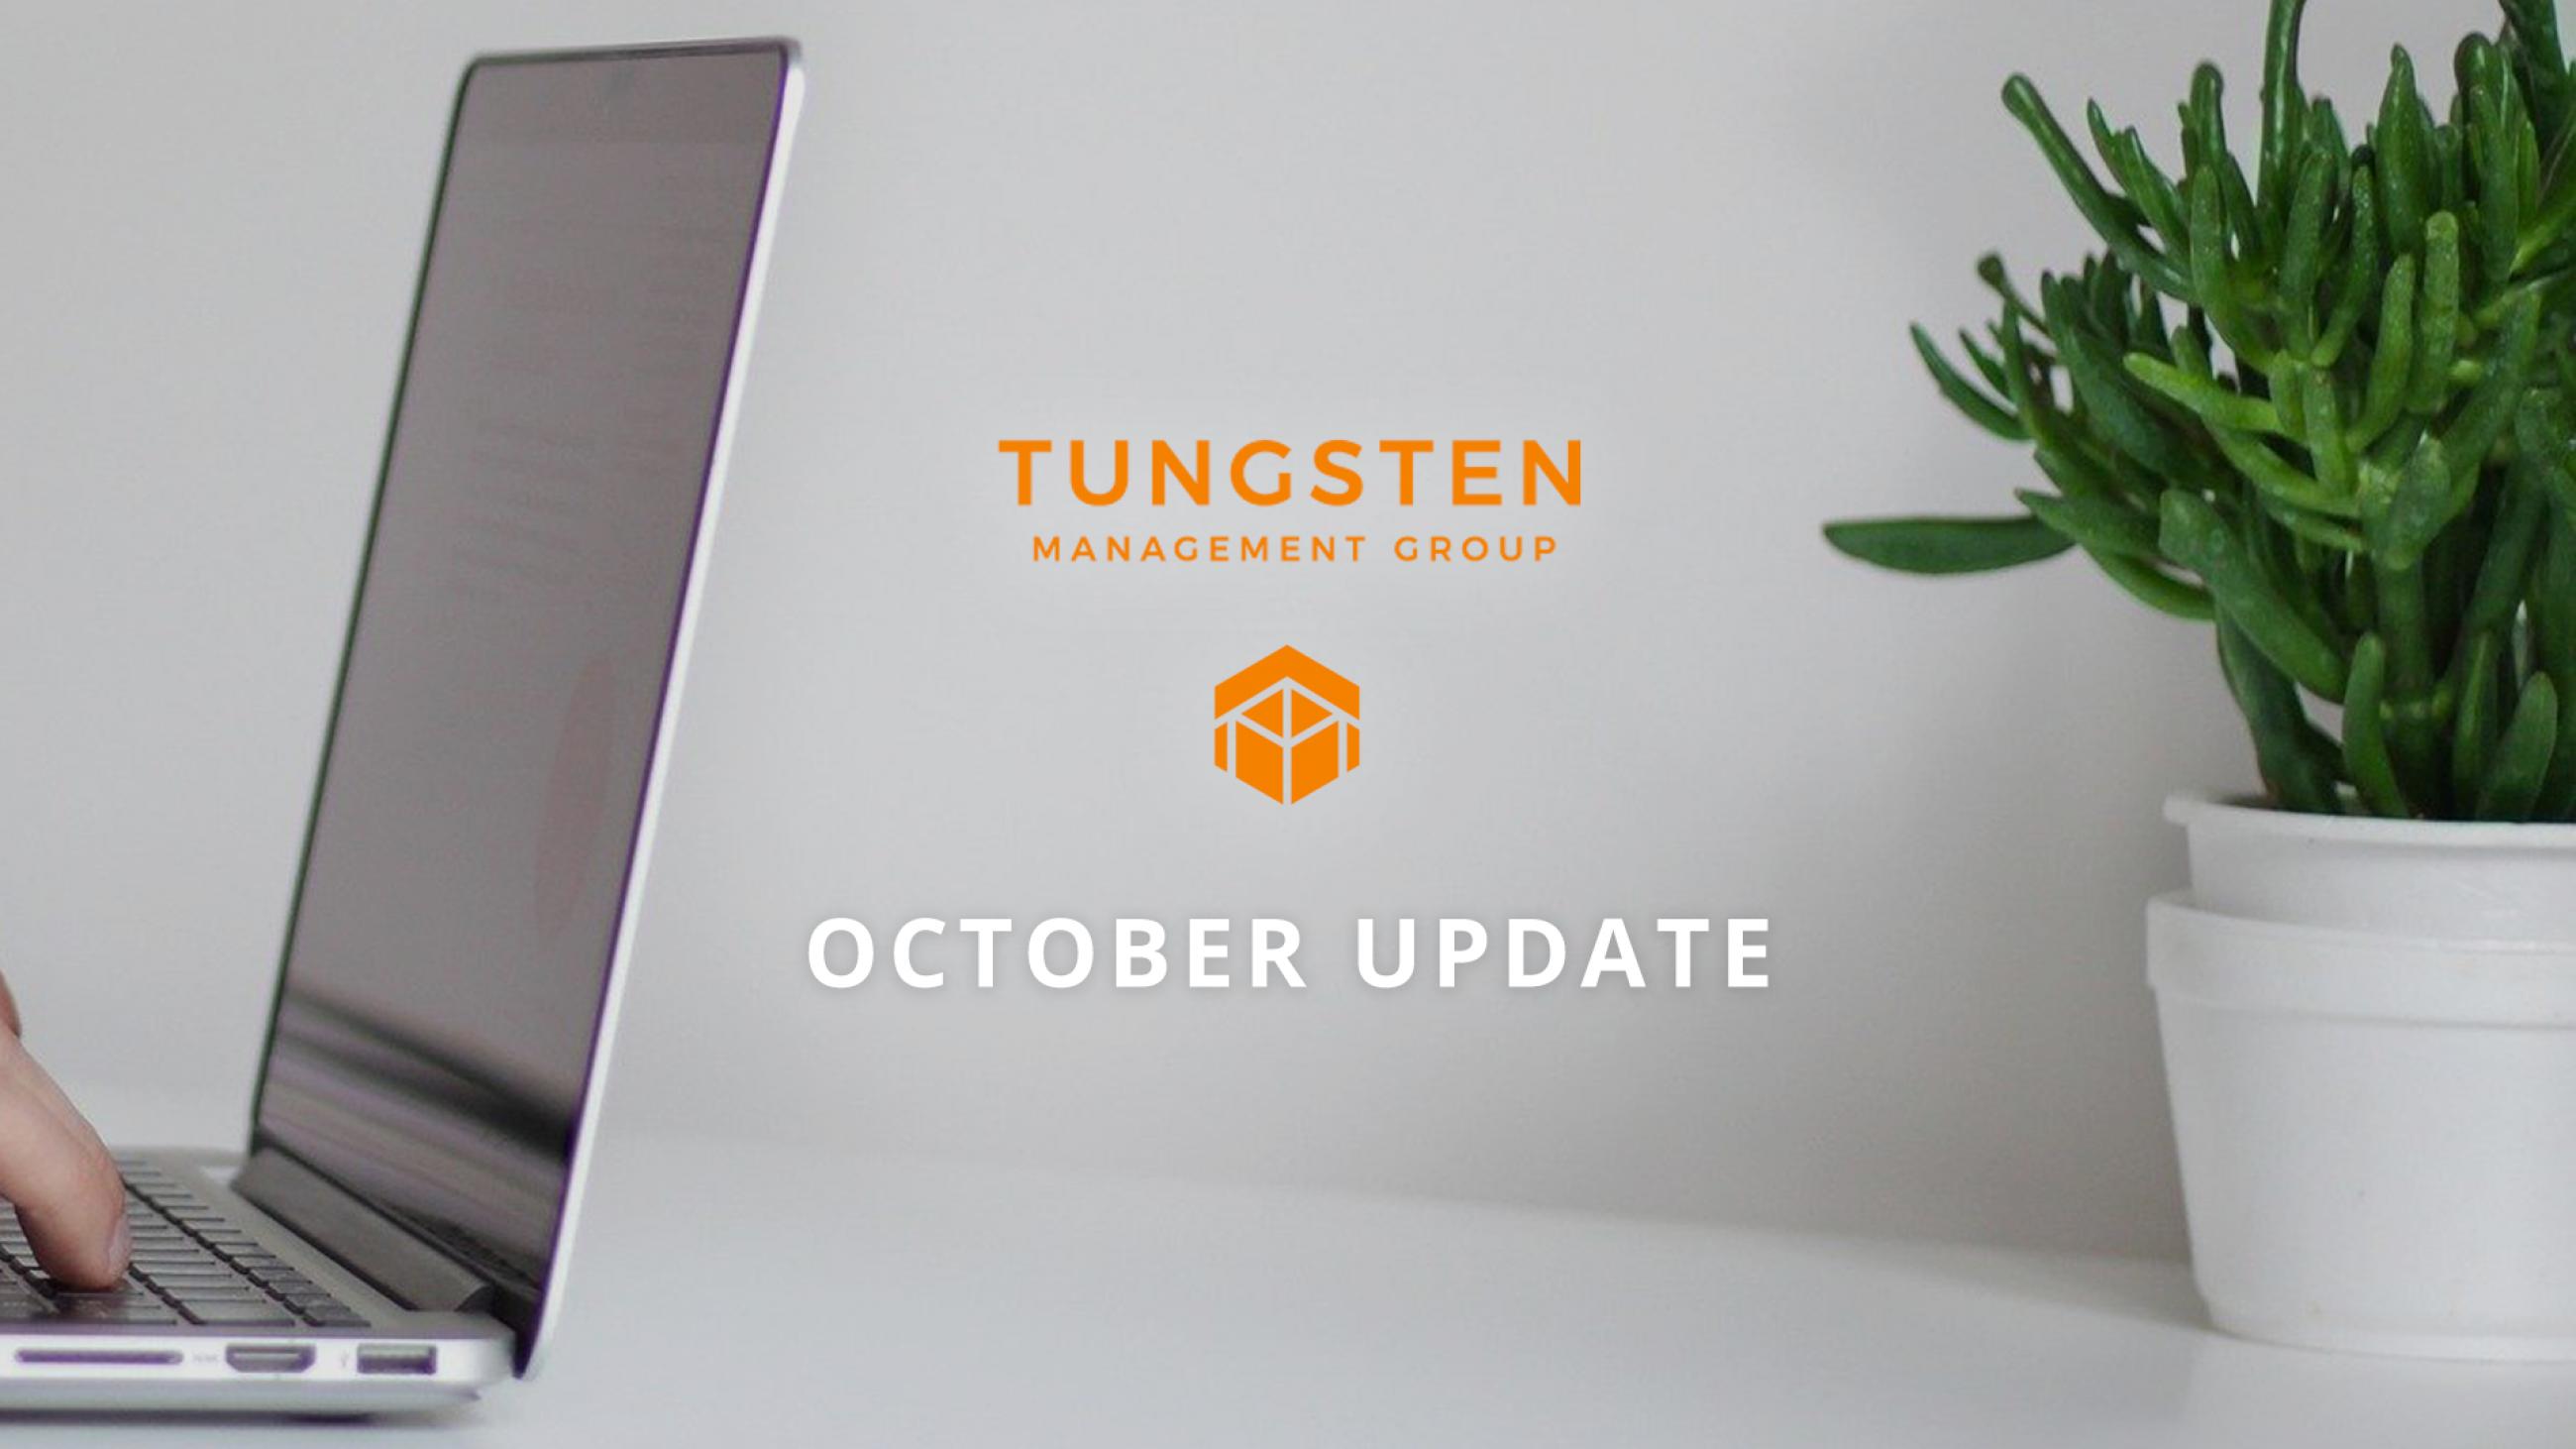 Tungsten Management Group Update Part Twenty Four